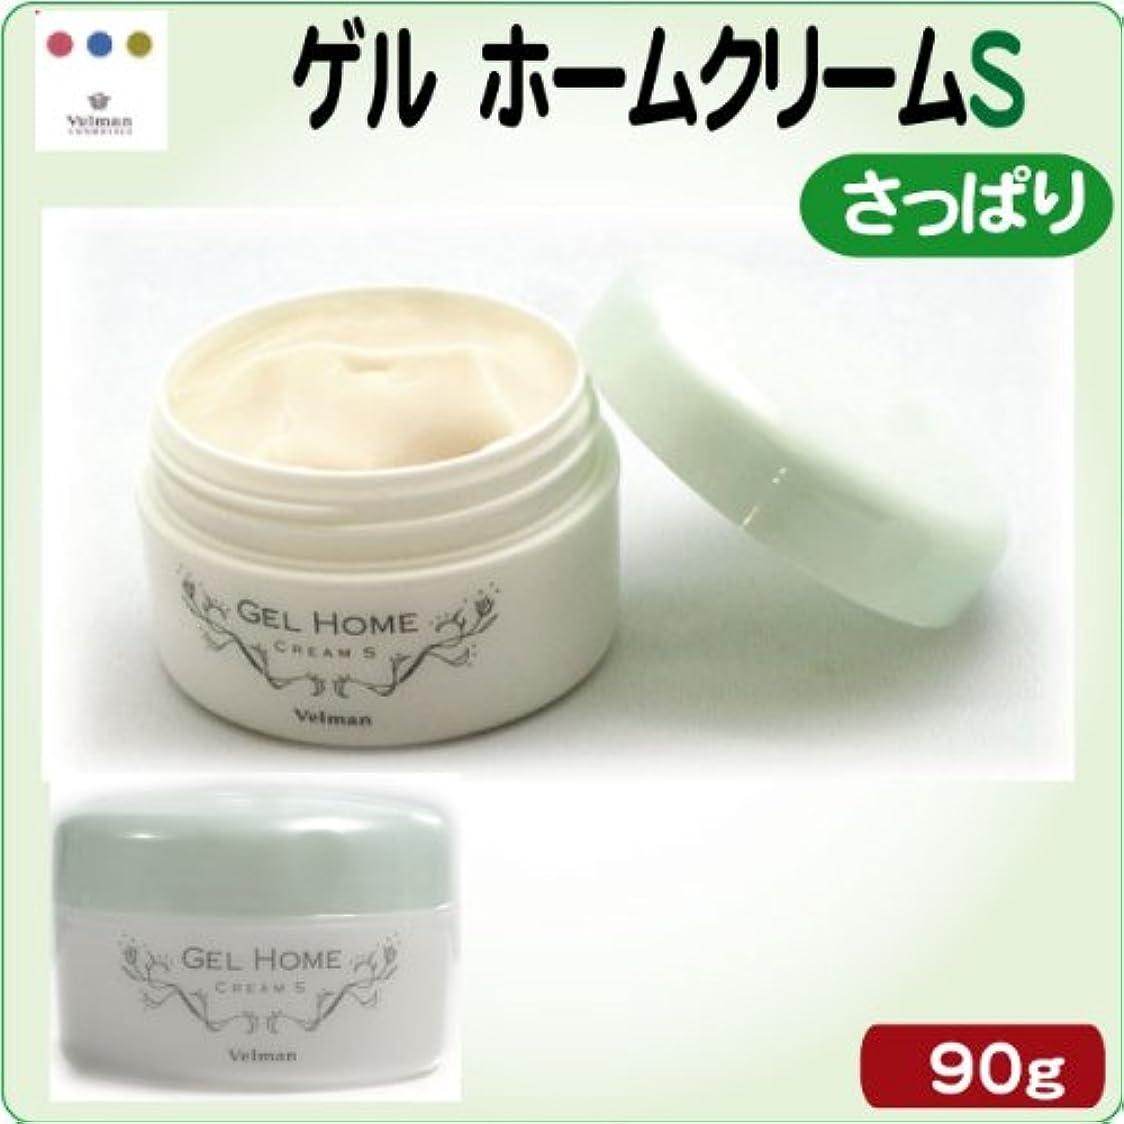 ブラシ異なる抜粋ベルマン化粧品 NONLOOSE ゲルホームクリームS 【さっぱりタイプ】 90g